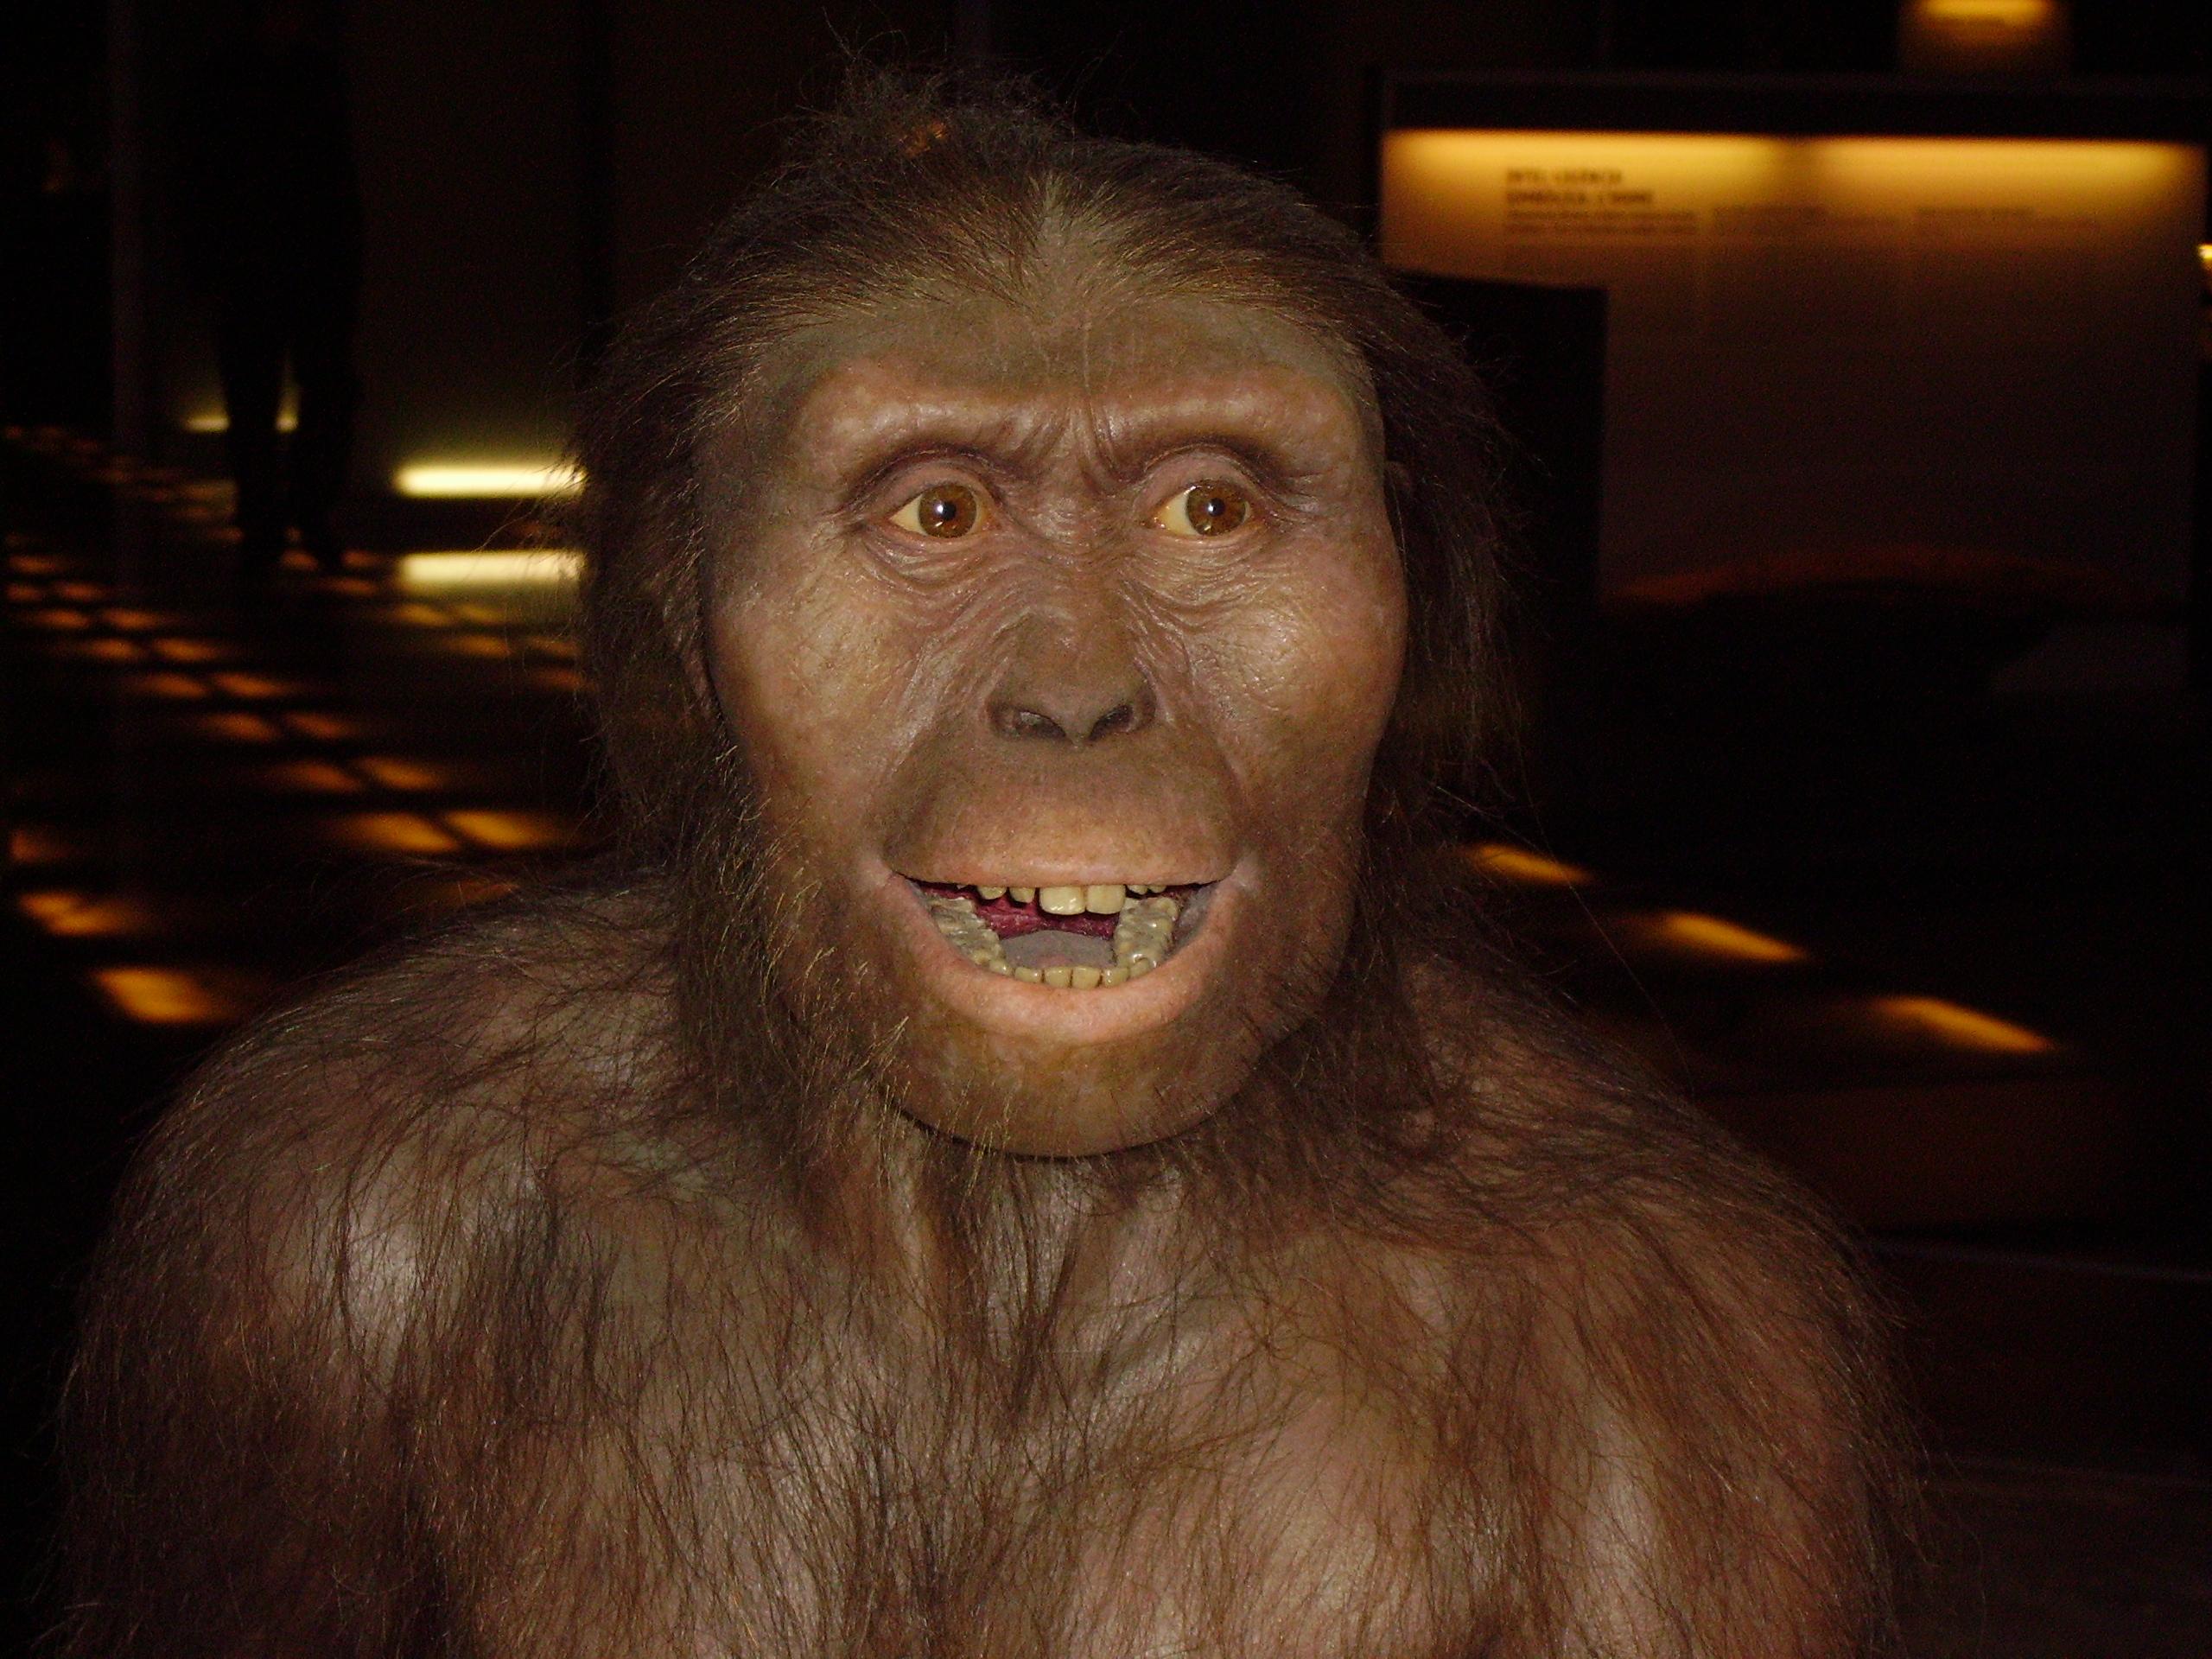 Australopithecus Afarensislerde Cinsiyet Arası Boyut Farkı Çok Azdı